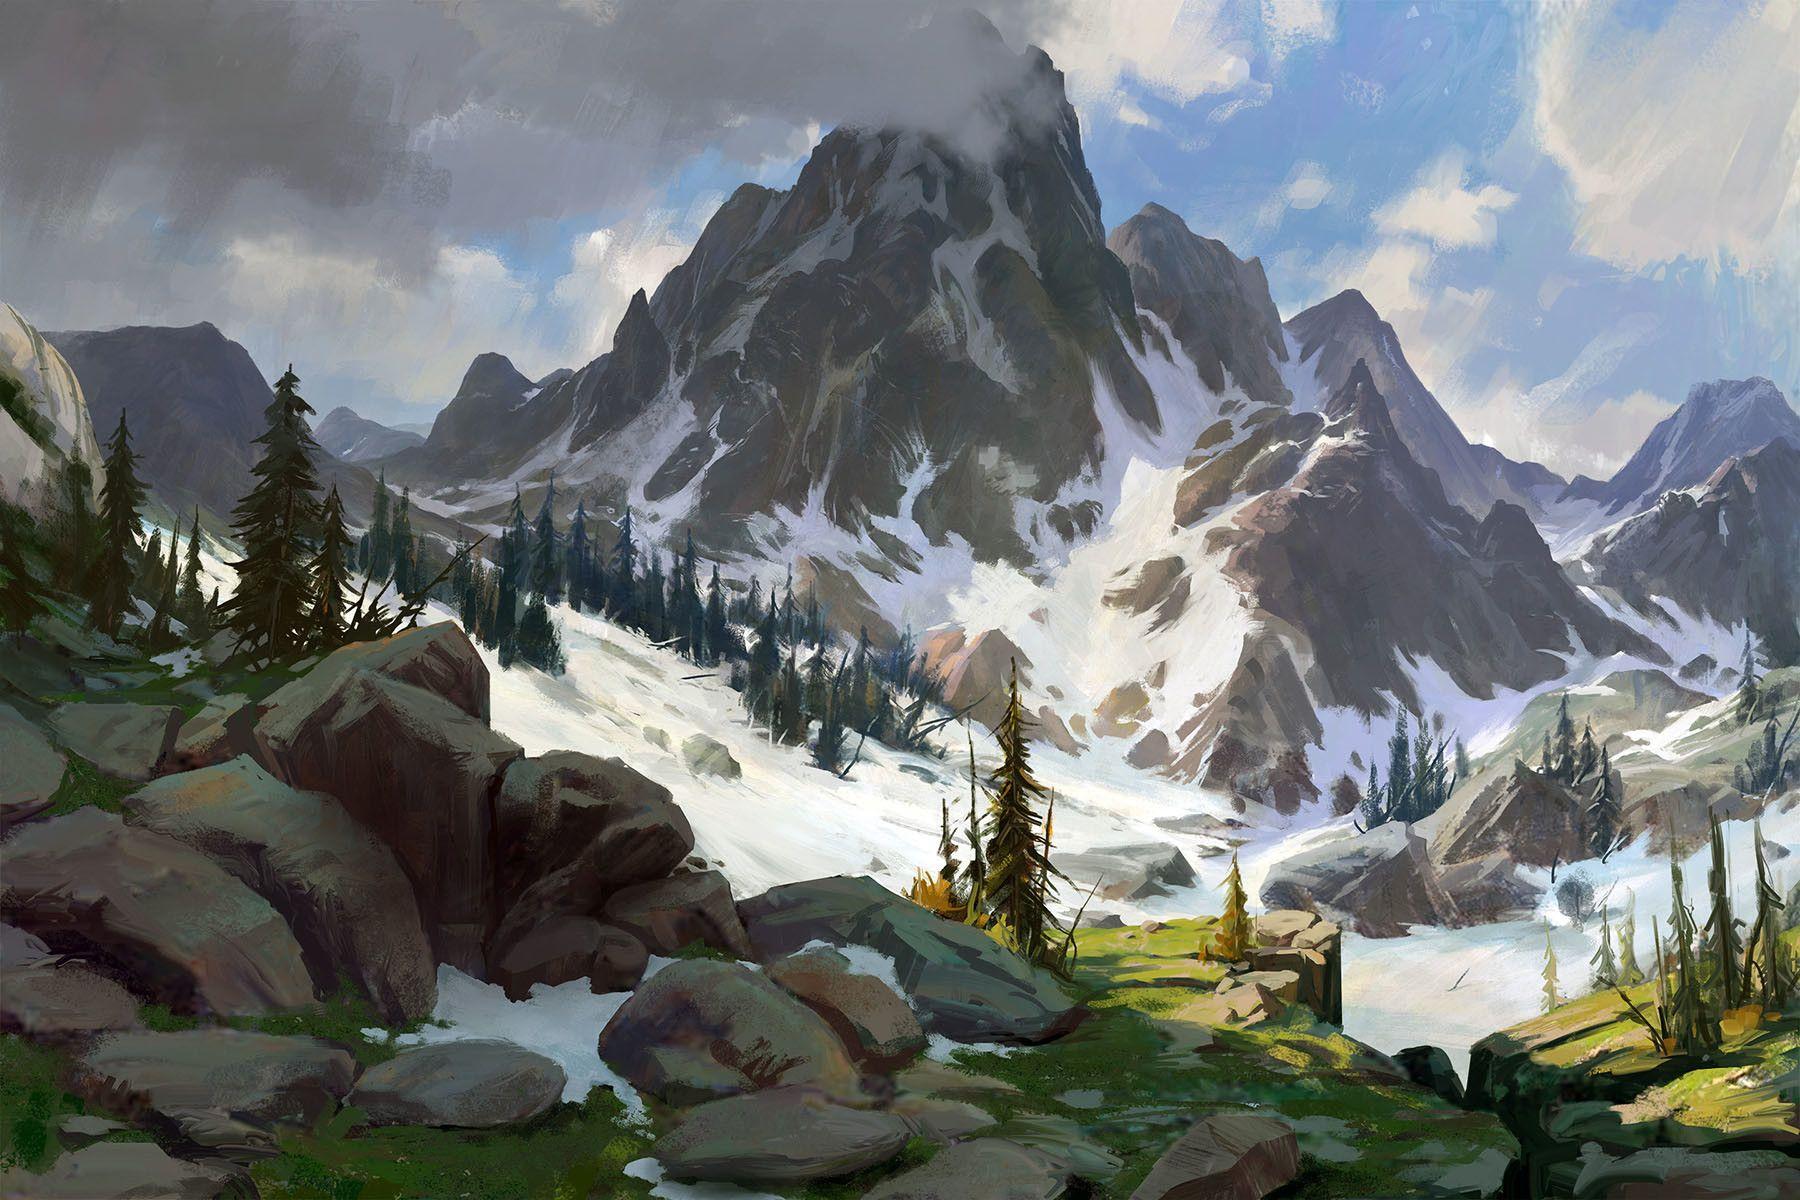 Snow Mountain Hongqi Zhang Fantasy Landscape Landscape Art Concept Art